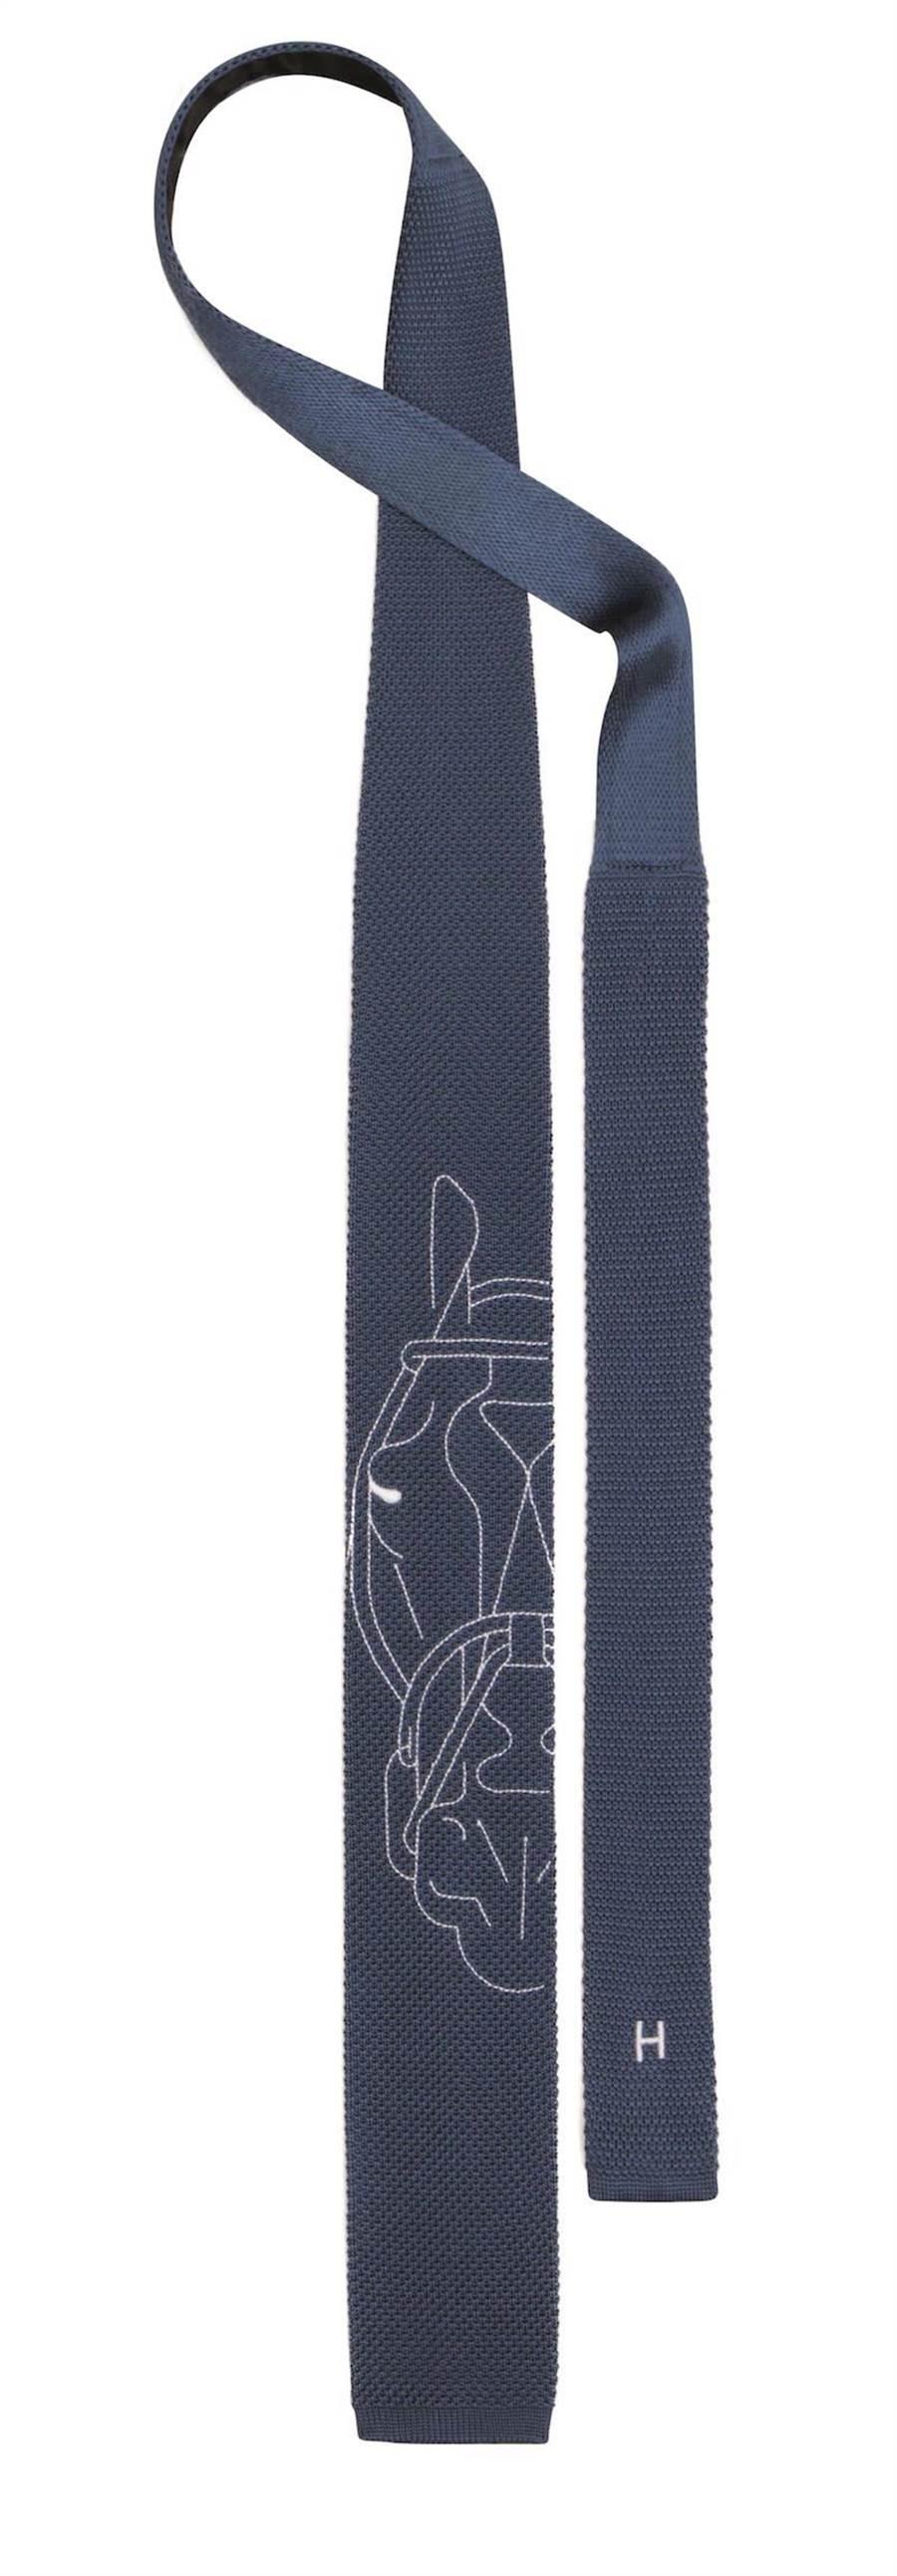 愛馬仕Tête à Tête Équestre圖紋6公分真絲刺繡編織領帶,9100元。(愛馬仕提供)